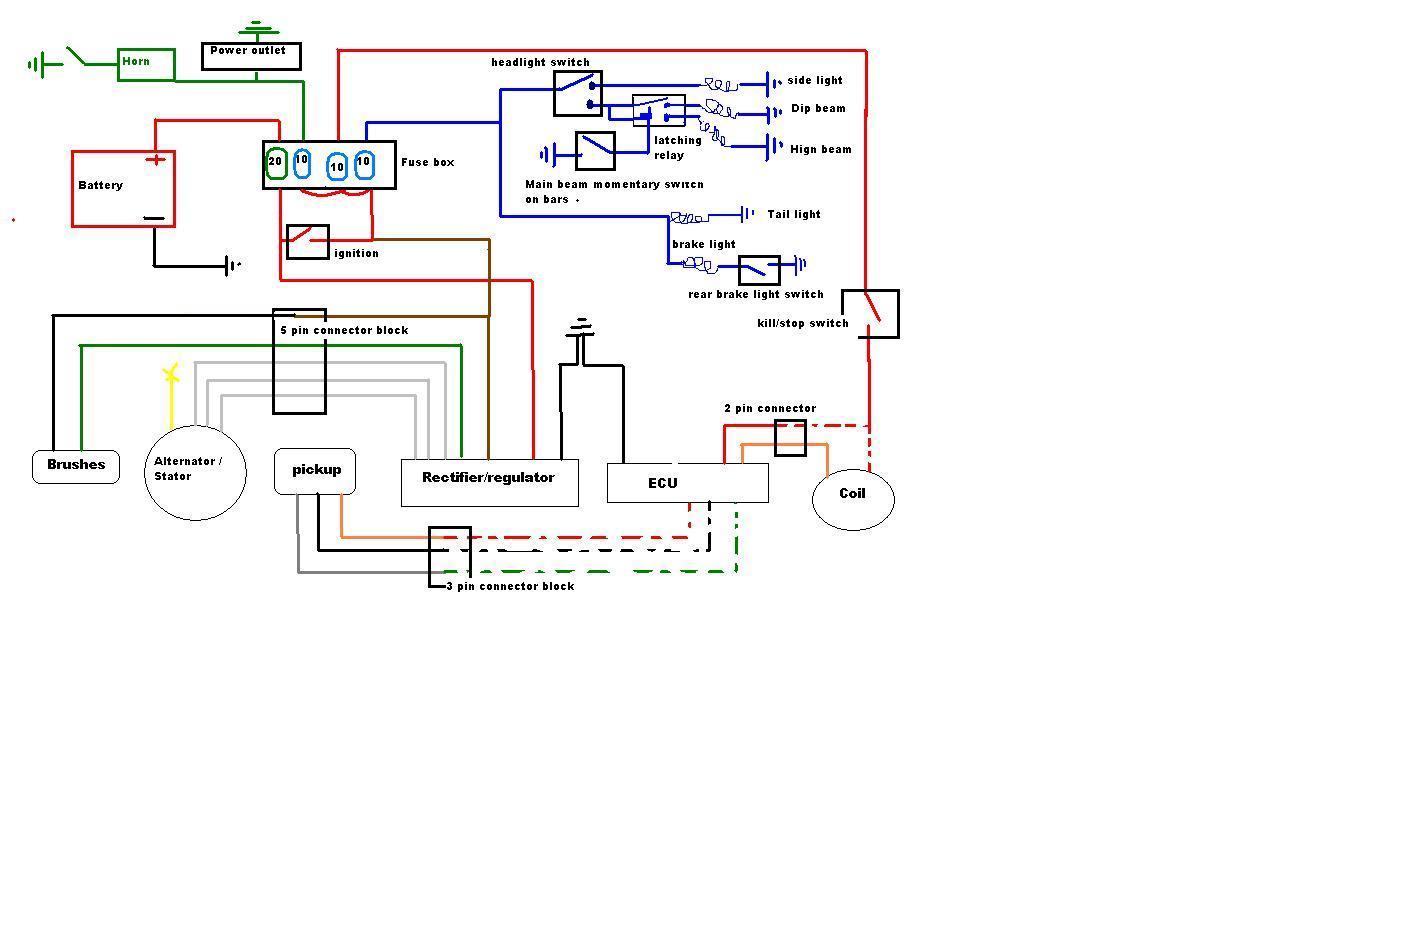 Yamaha Motorcycle Schematics | Wiring Schematic Diagram ... on